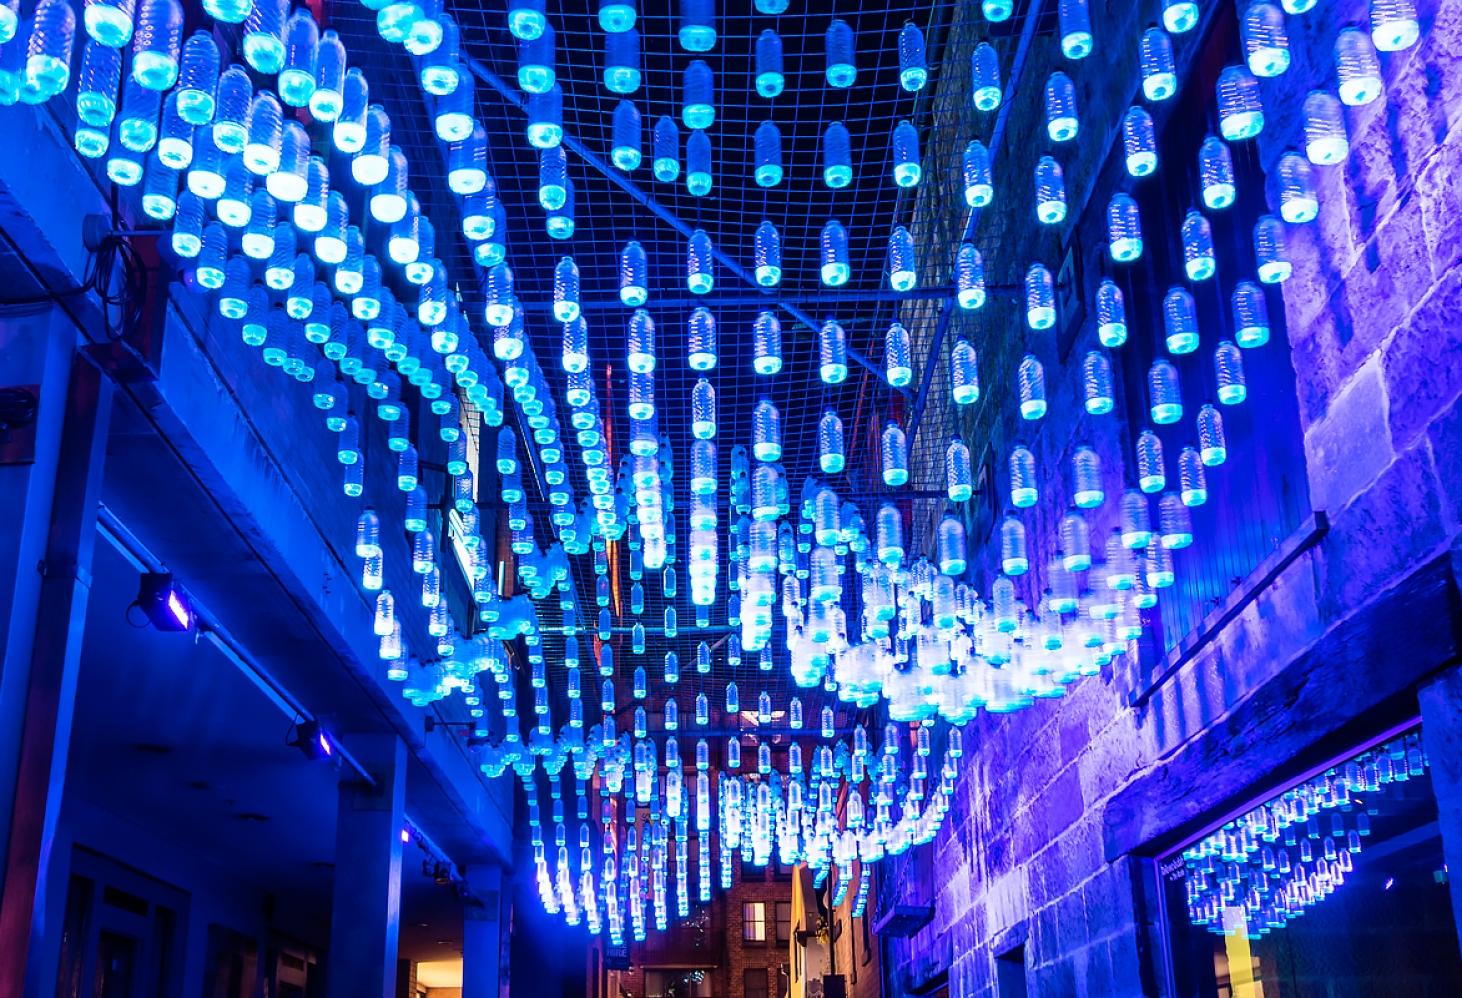 Фестиваль «Яркий Сидней» (Vivid Sydney). май - июнь